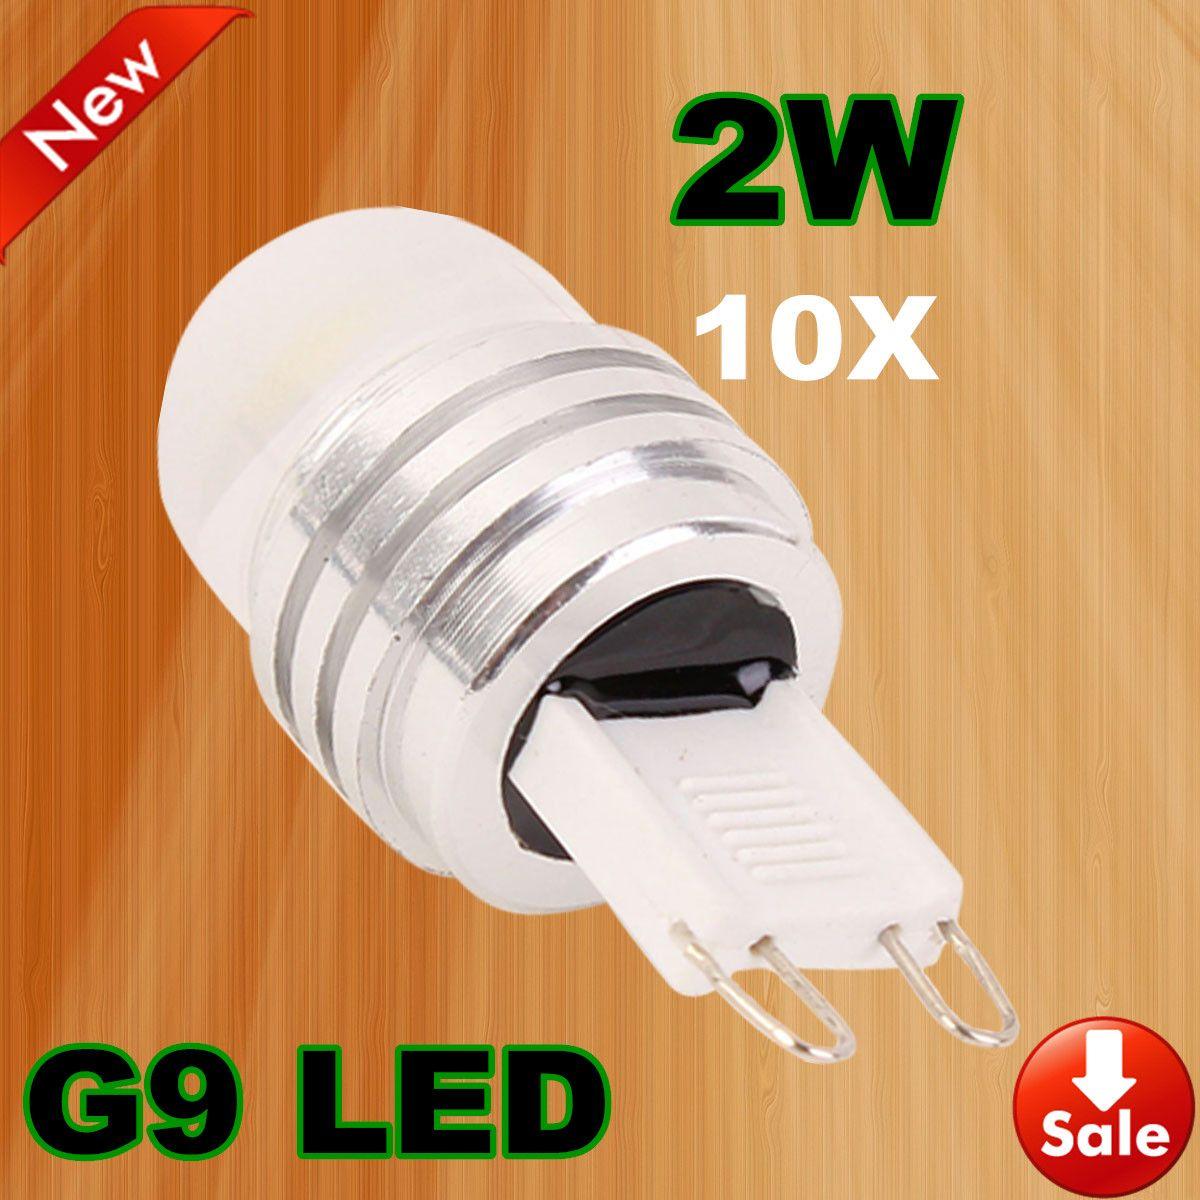 10X G9 2W LED Lamp Bulb Cool / Warm White 180 Degree Light Energy Saving For Living Room Bed Room Garden DC12V Free shipping